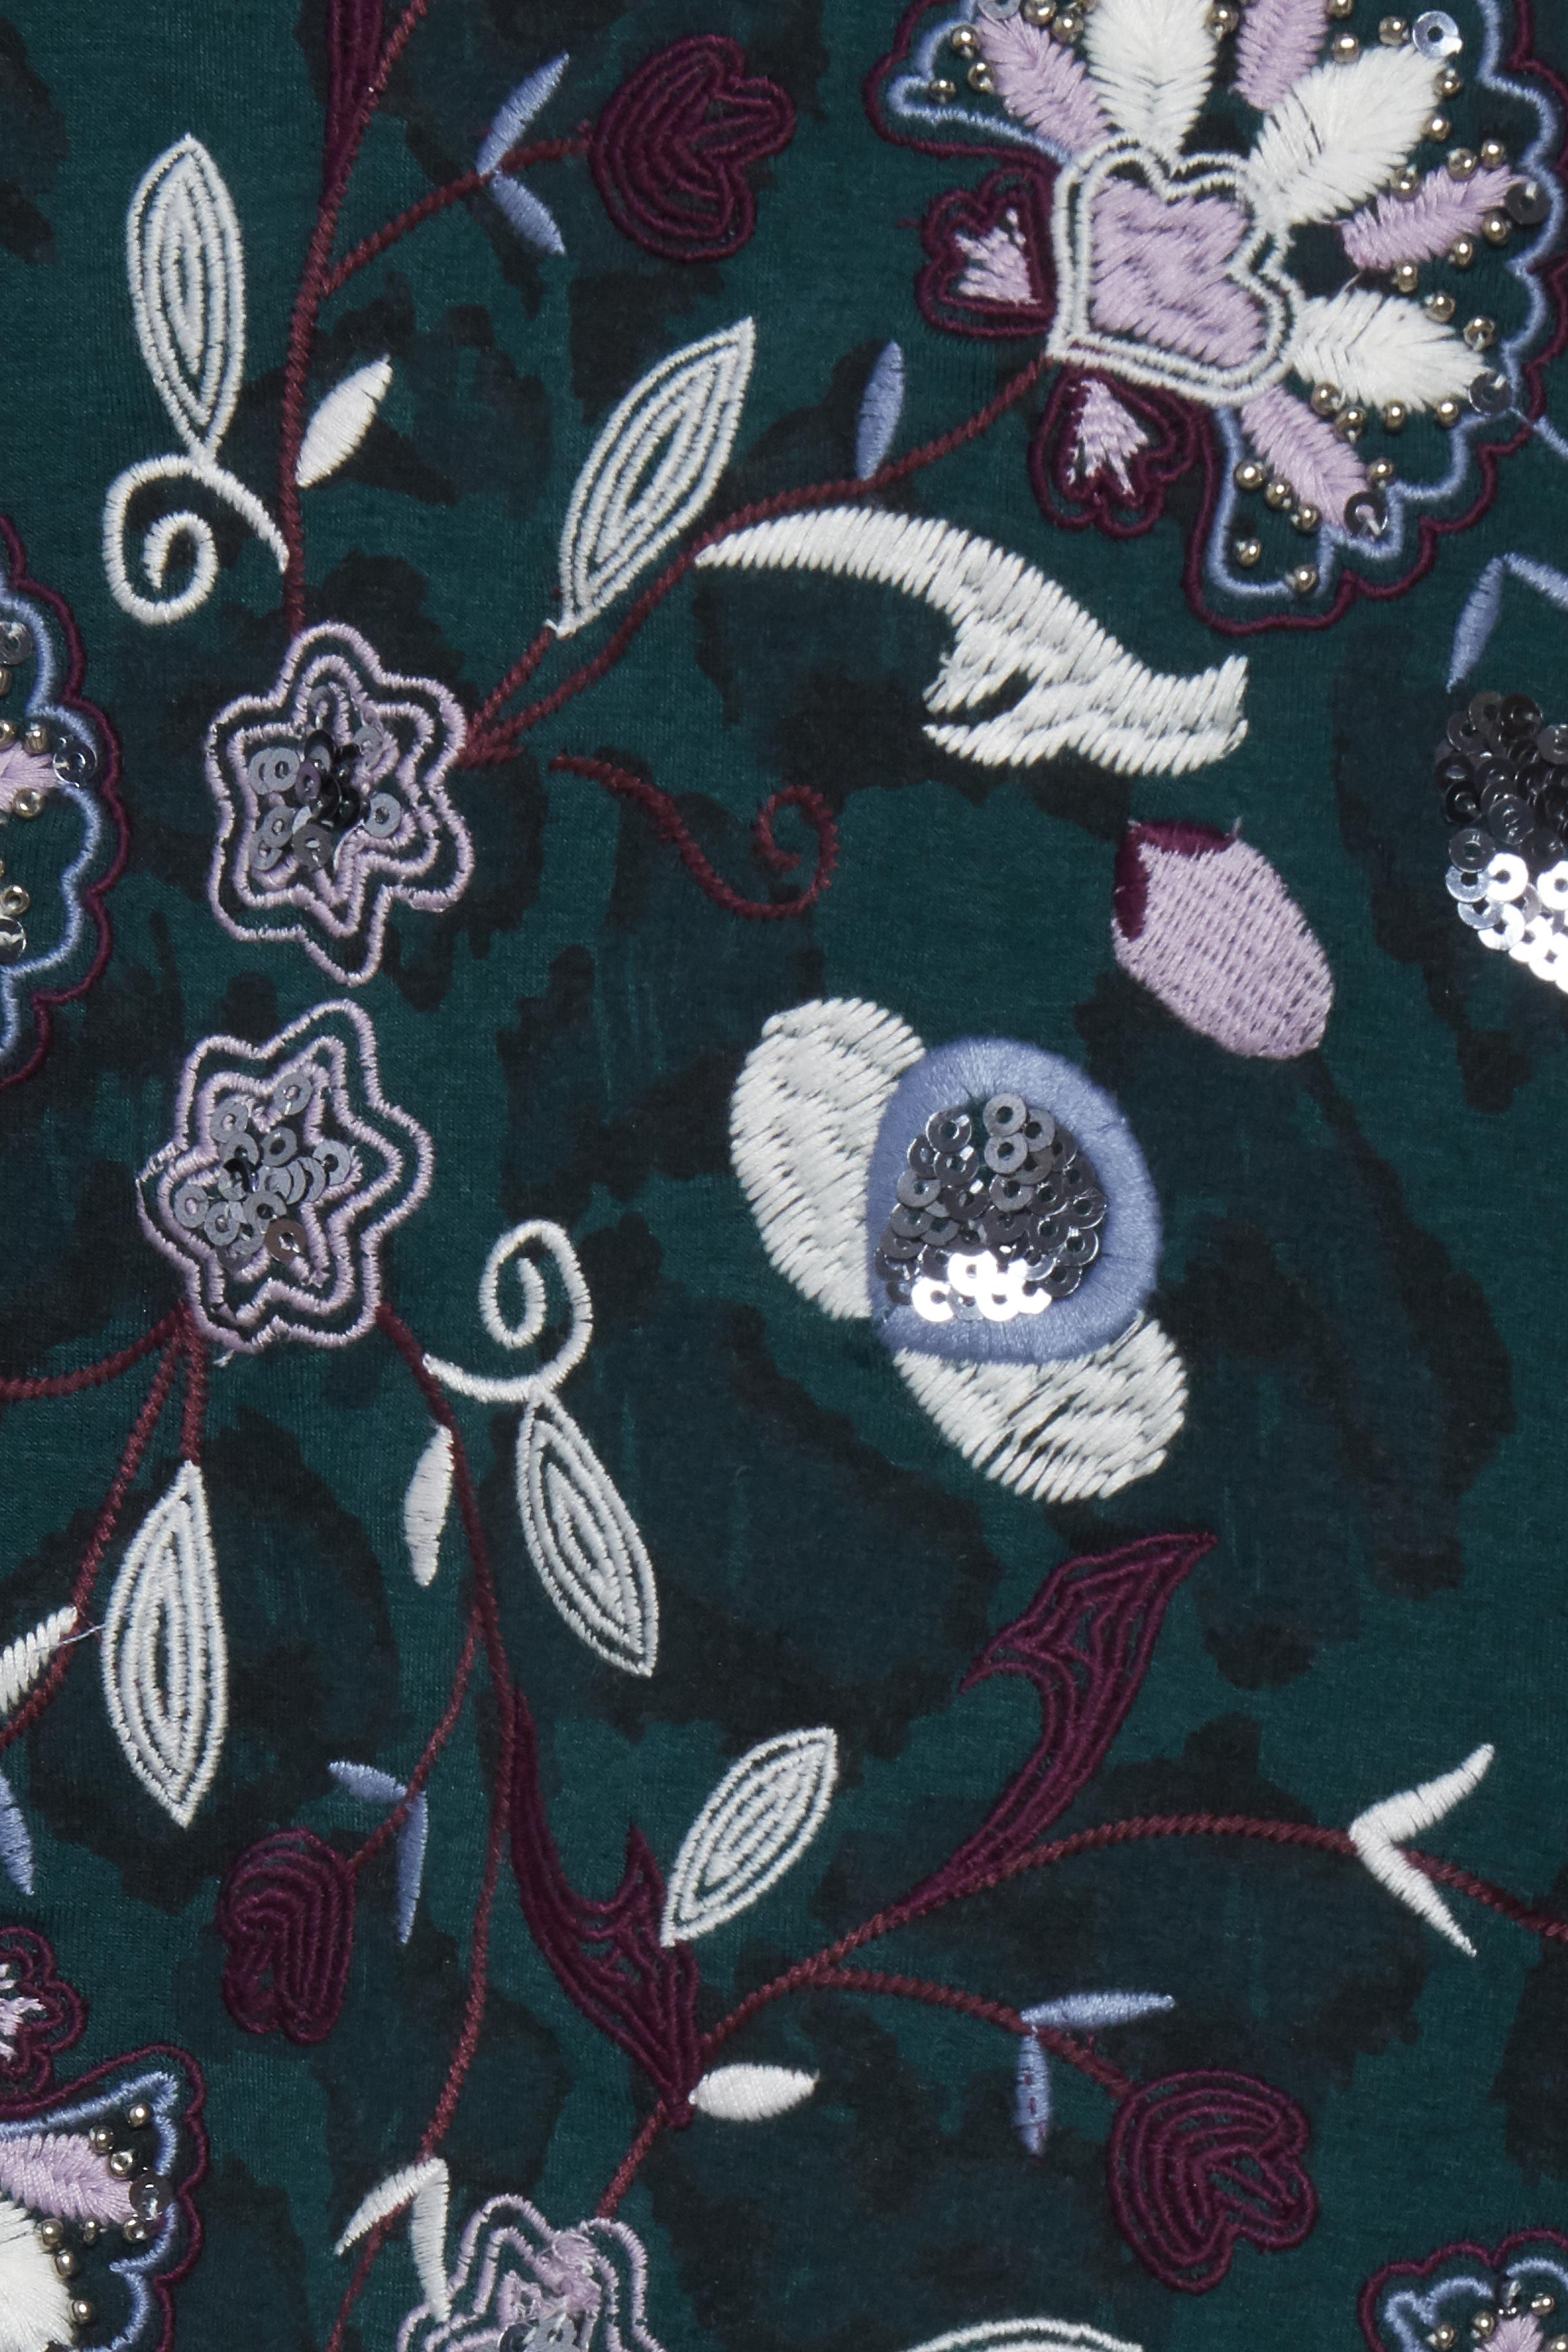 Buteljgrön/lila Sweatshirt från Dranella – Köp Buteljgrön/lila Sweatshirt från stl. XS-XXL här